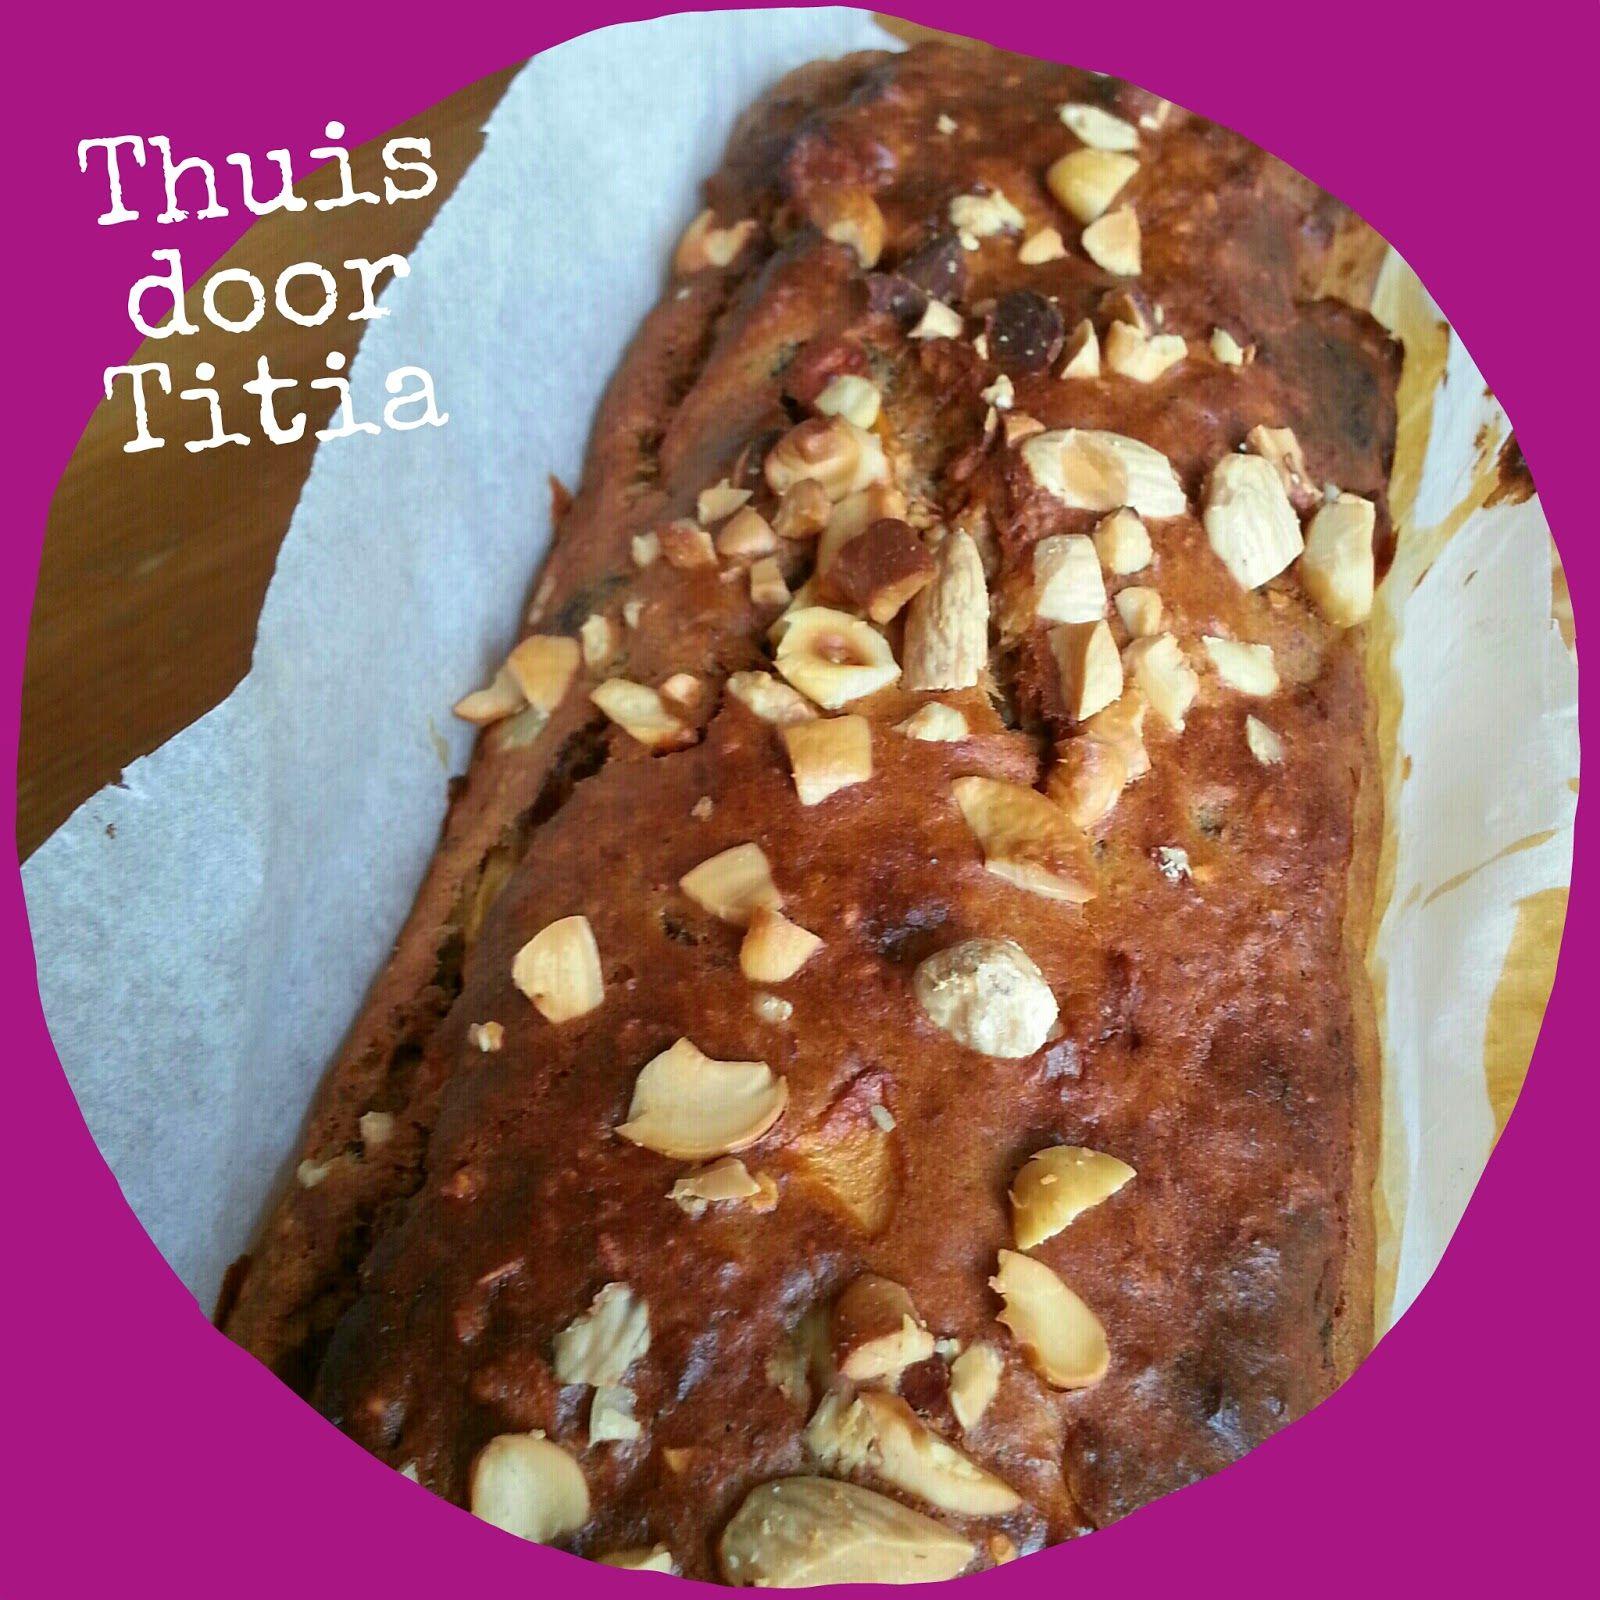 Thuis door Titia: Bananenbrood